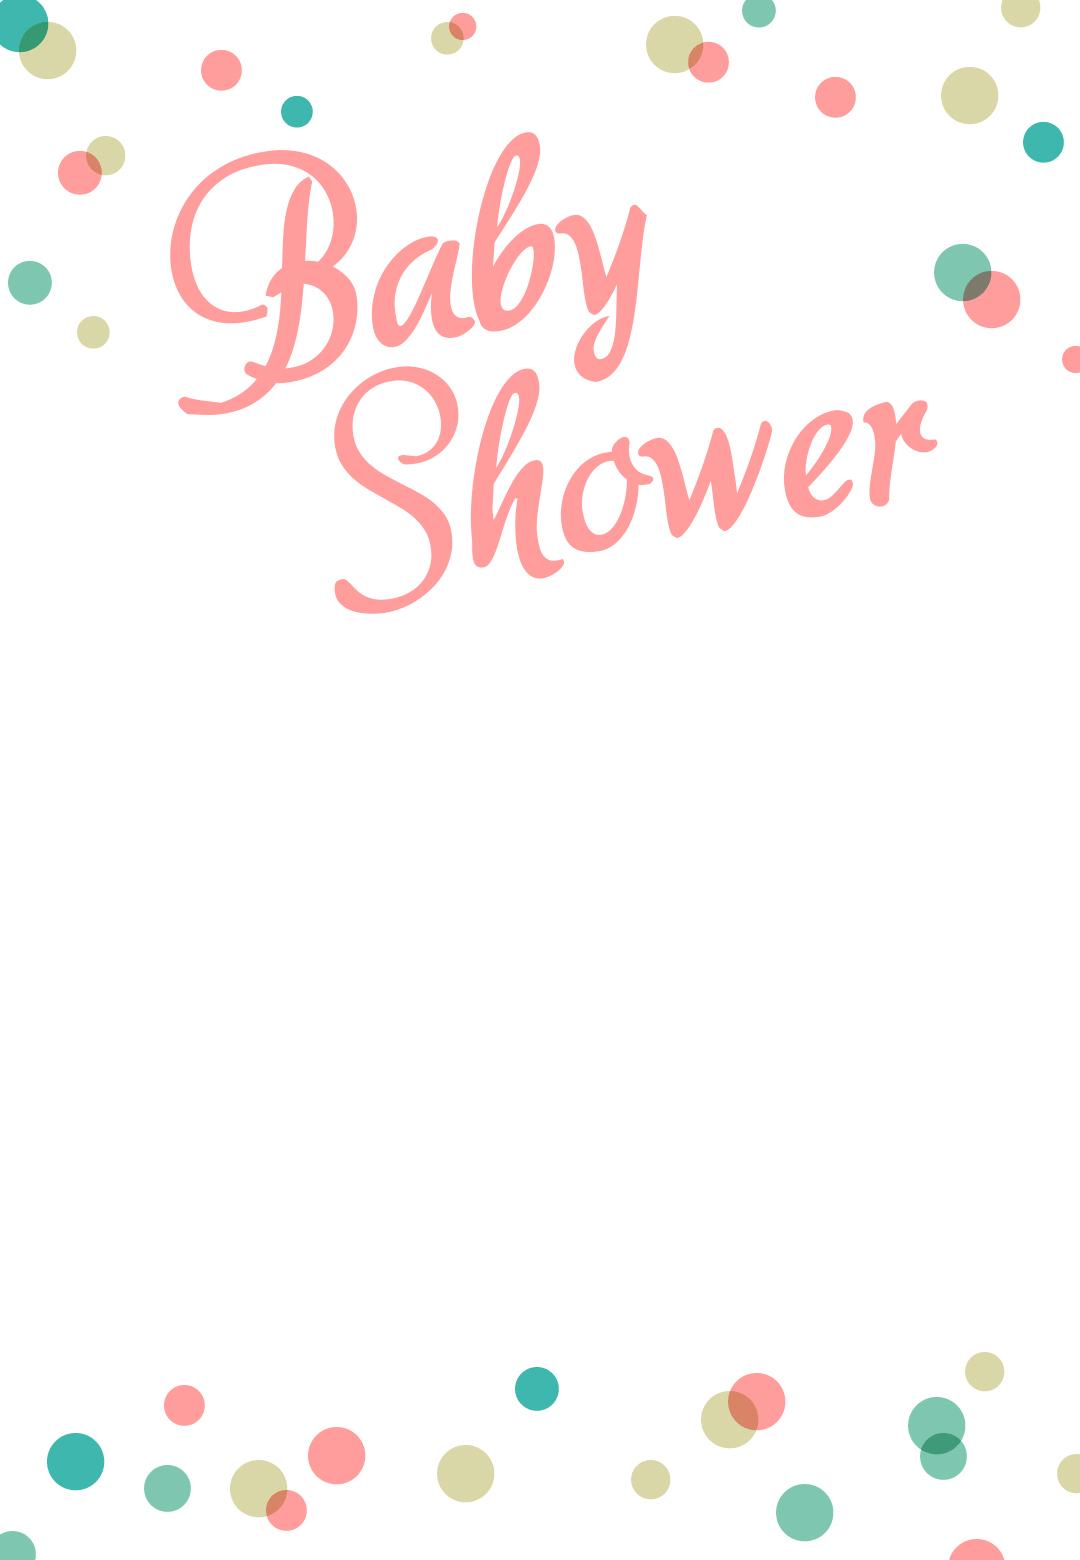 Dancing Dots Borders Free Printable Baby Shower Invitation T Free Printable Baby Shower Invitations Free Baby Shower Invitations Baby Shower Invites For Girl